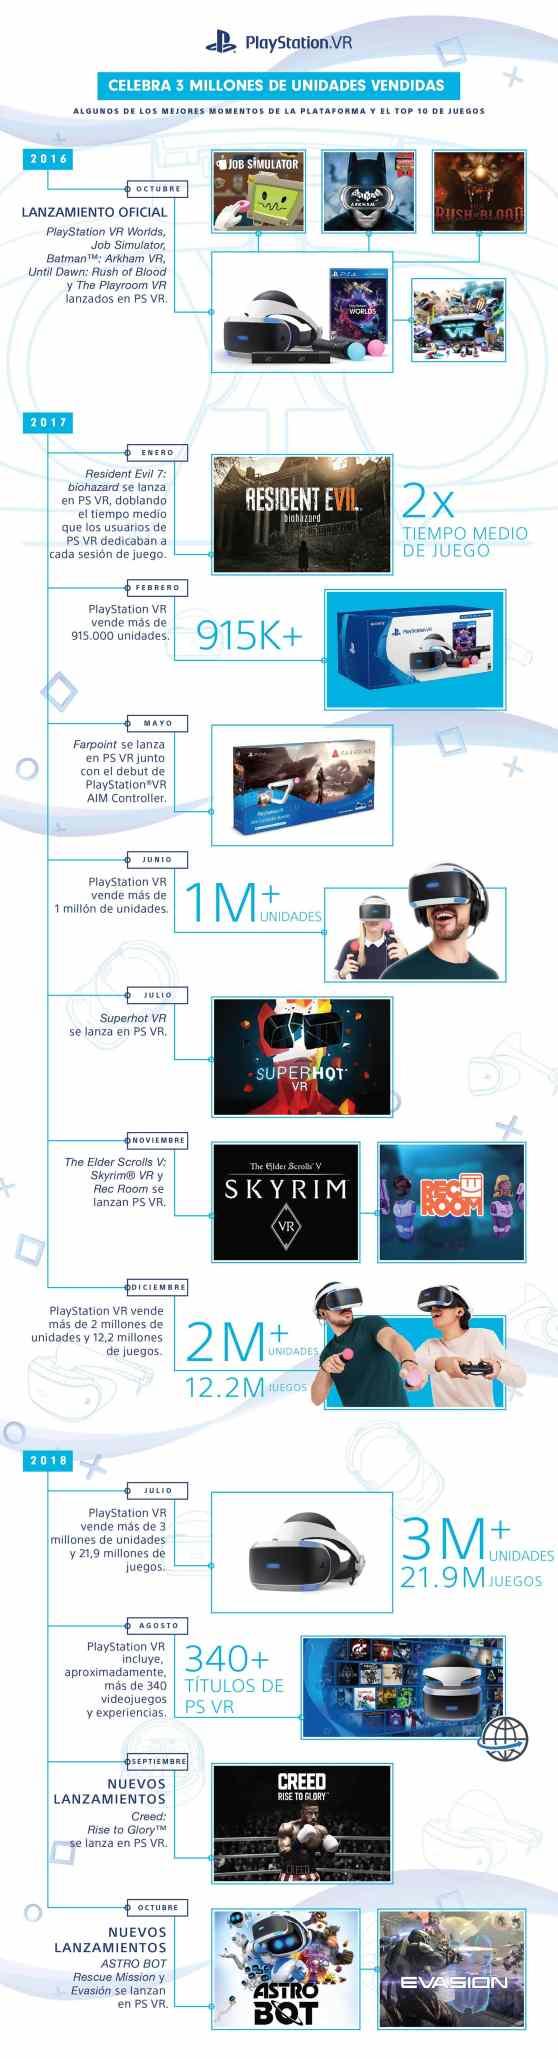 PS_VR_Infografía_2_Aniversario